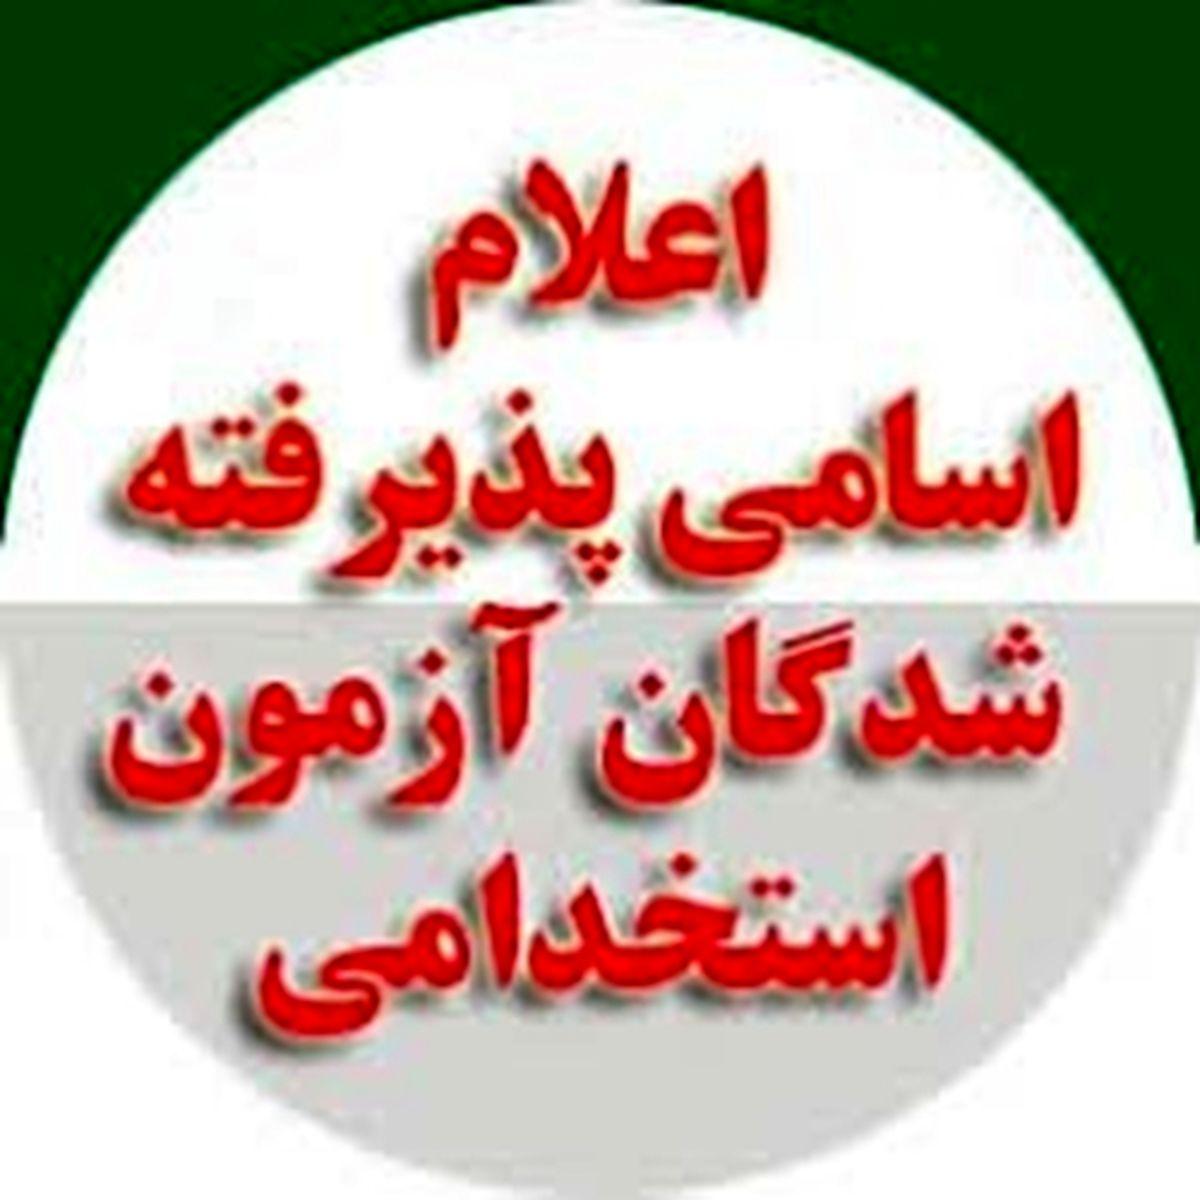 نتایج مرحله اول آزمون استخدامی پست بانک ایران اعلام شد